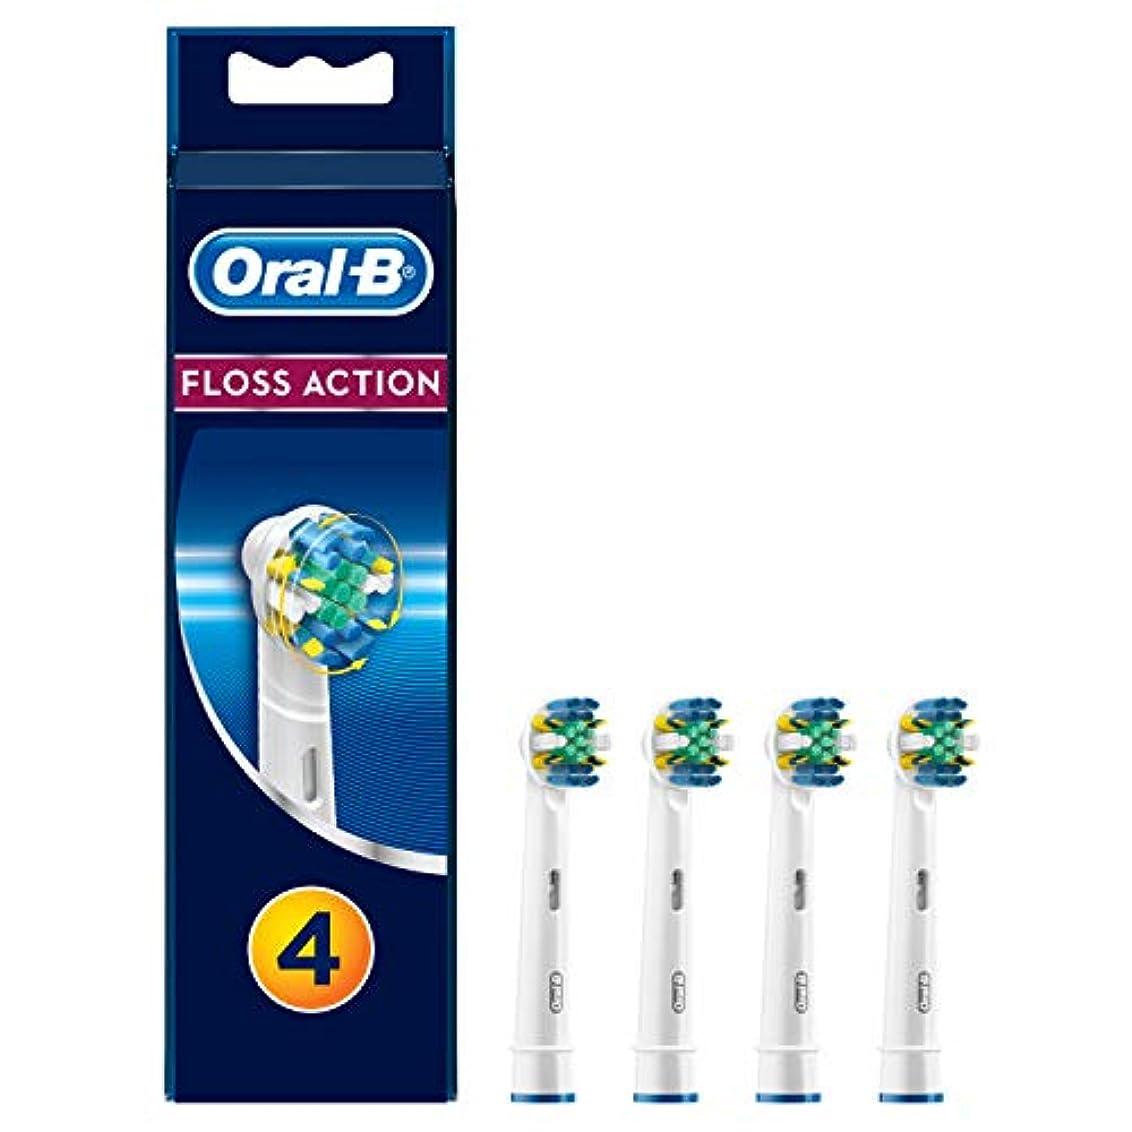 吸収バイオレットチョコレートブラウン Oral-B 歯間ワイパー付きブラシ 替ブラシ4本入 EB25-4 並行品扱い